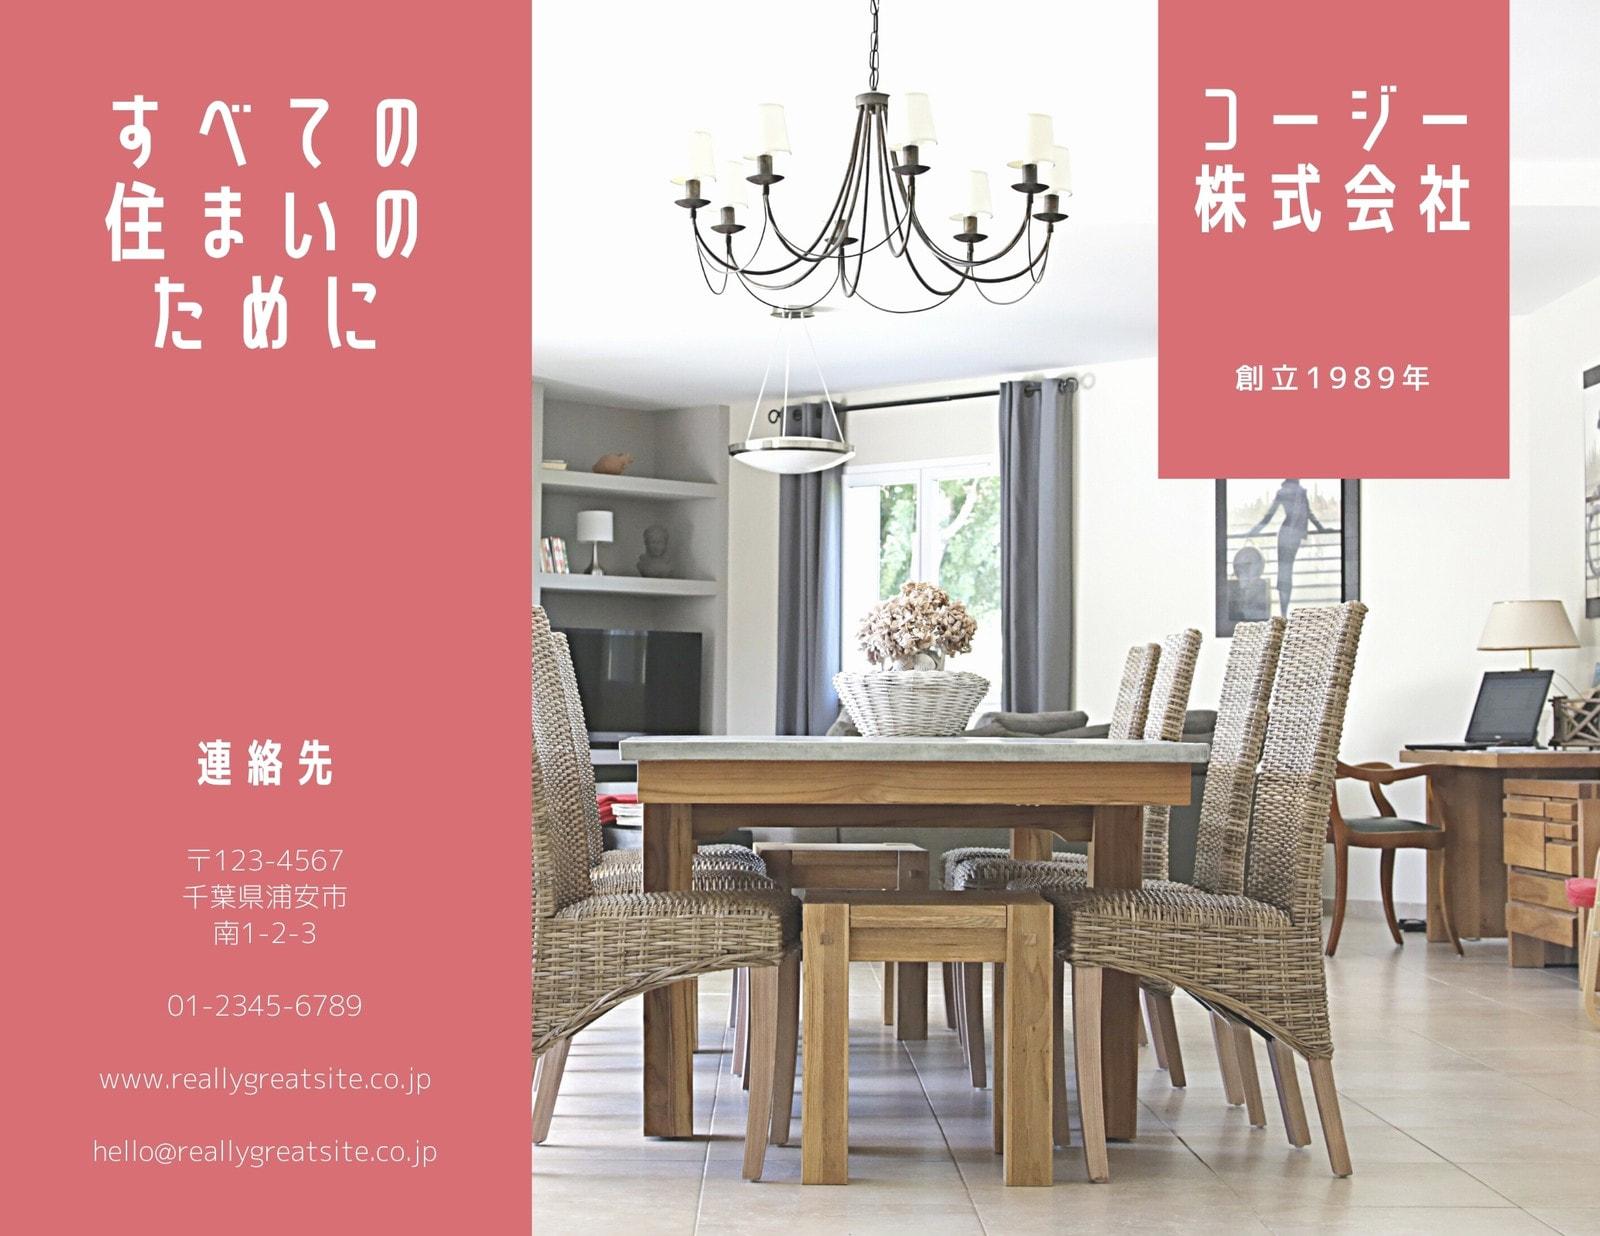 淡い赤と白 家具 三つ折りパンフレット